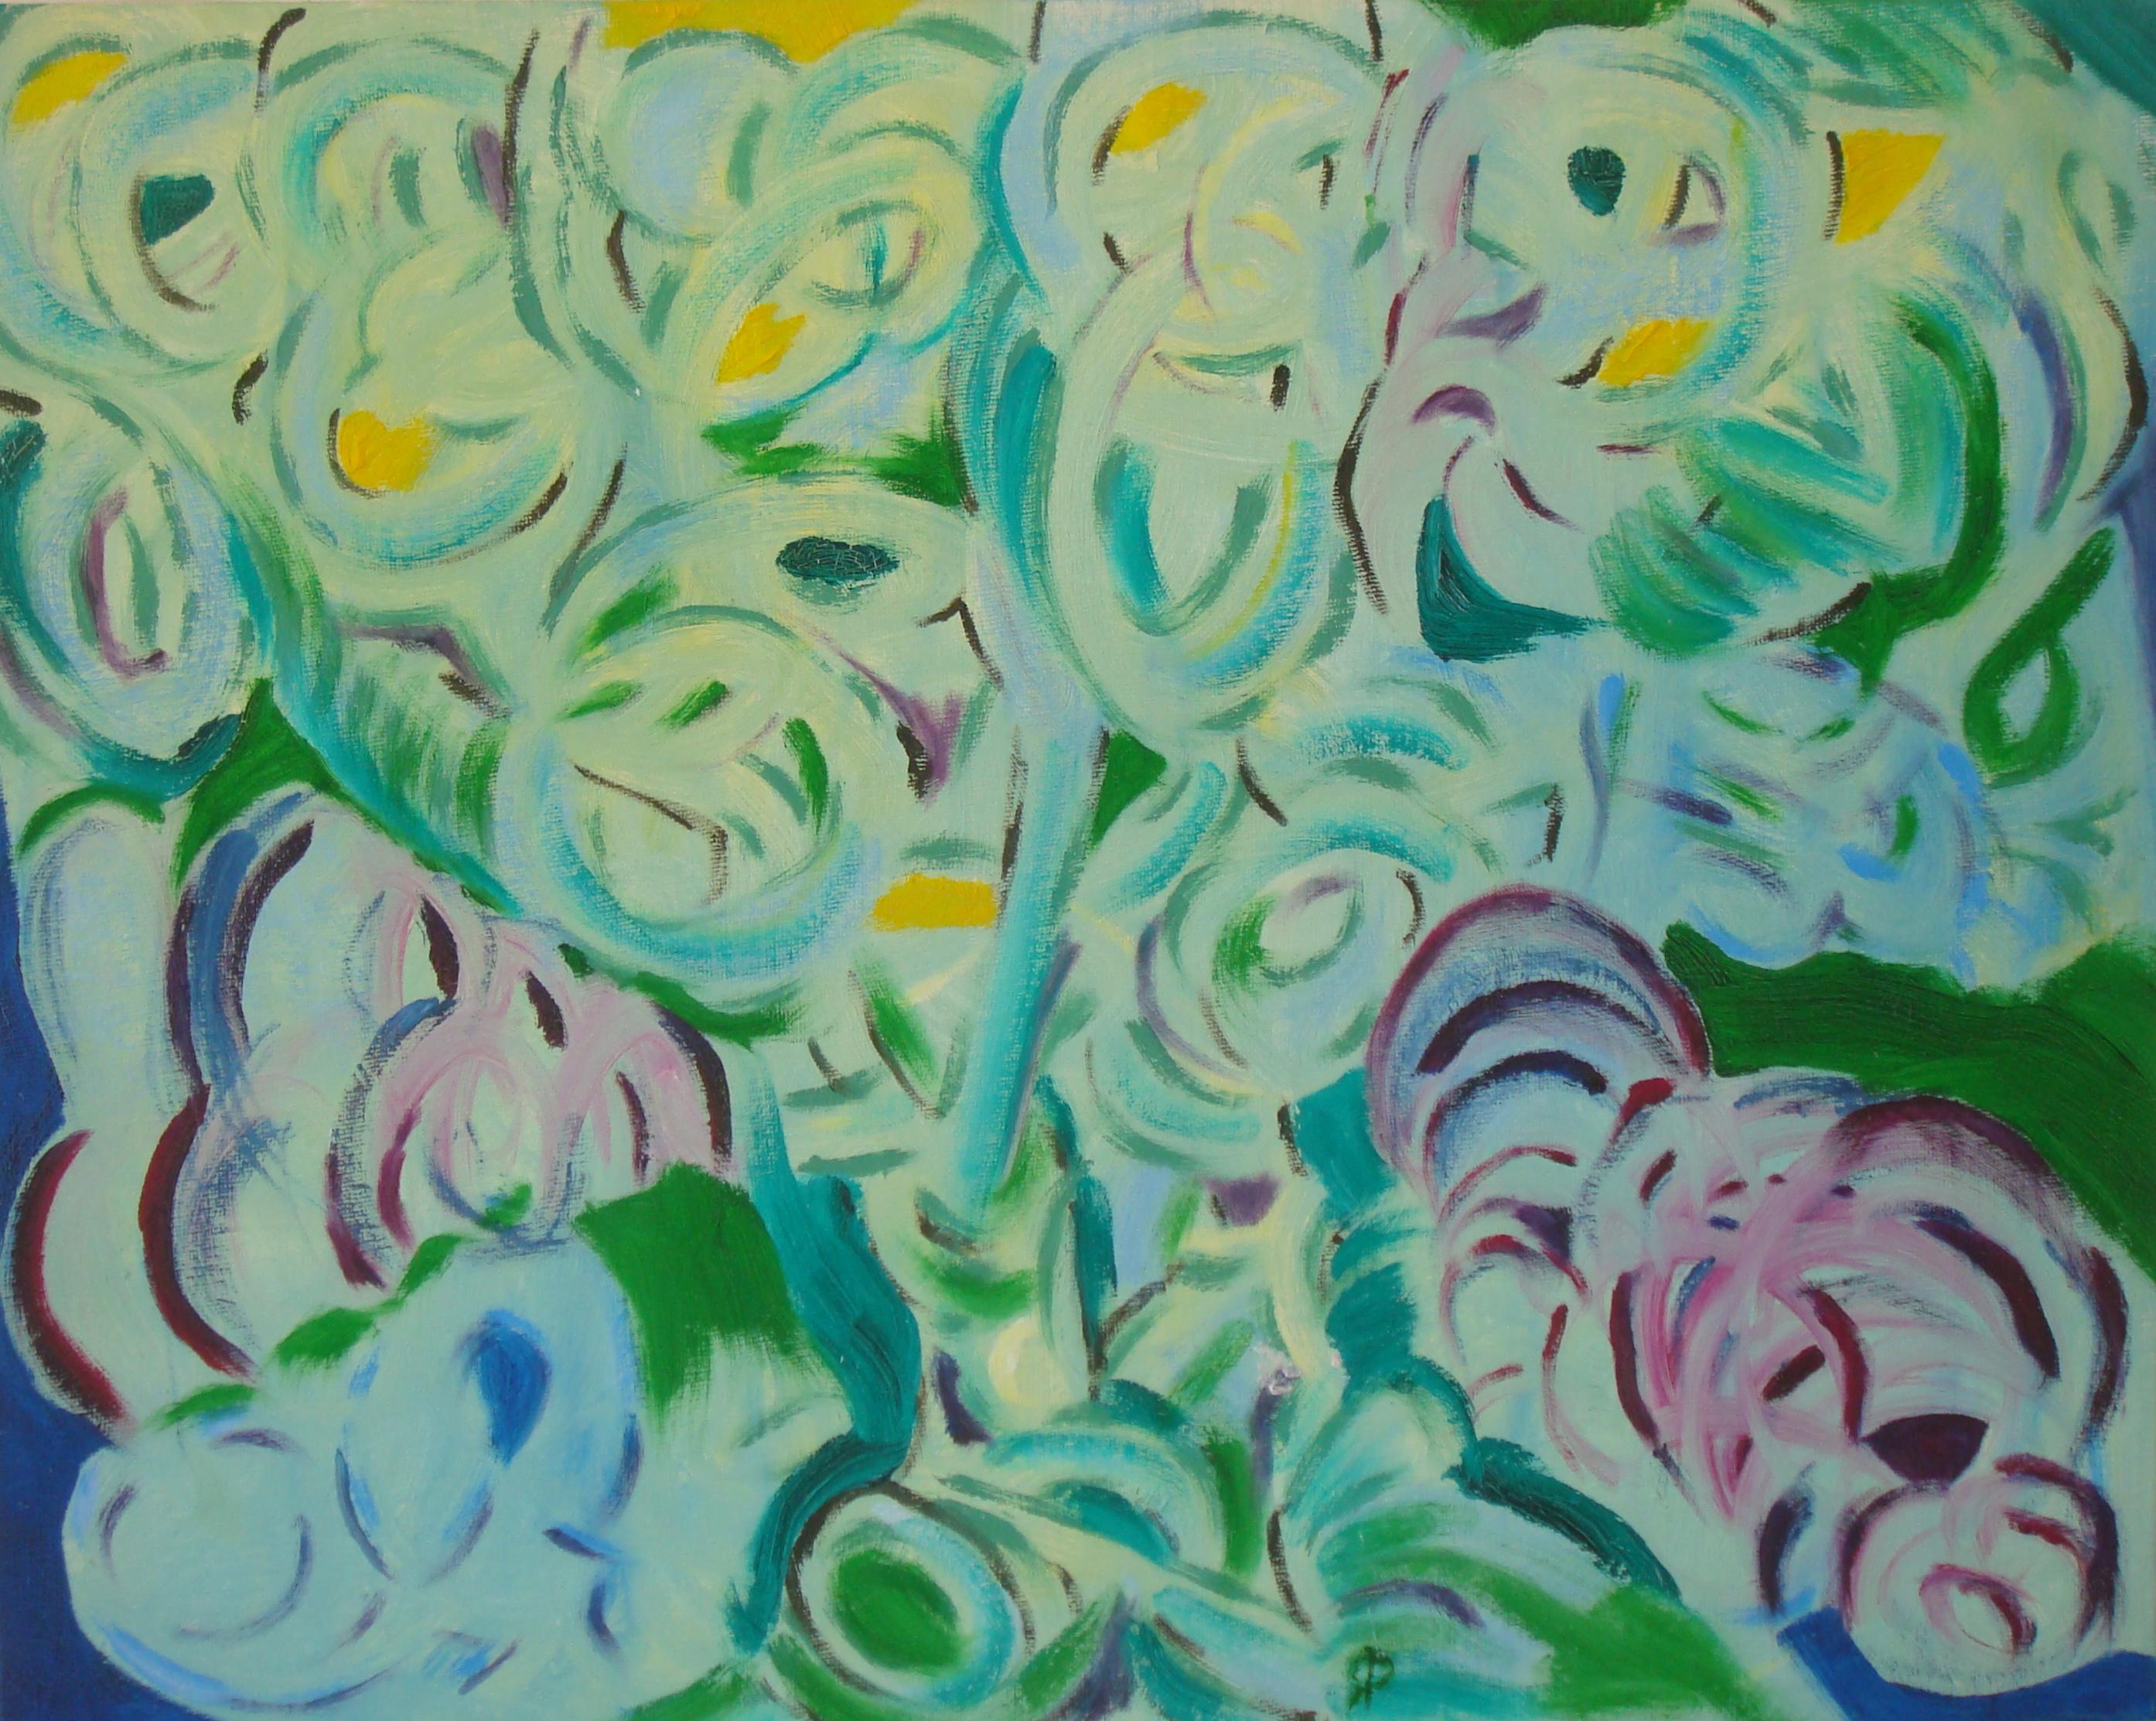 Plowed Under, Russell Steven Powell oil on canvas board, 16x12